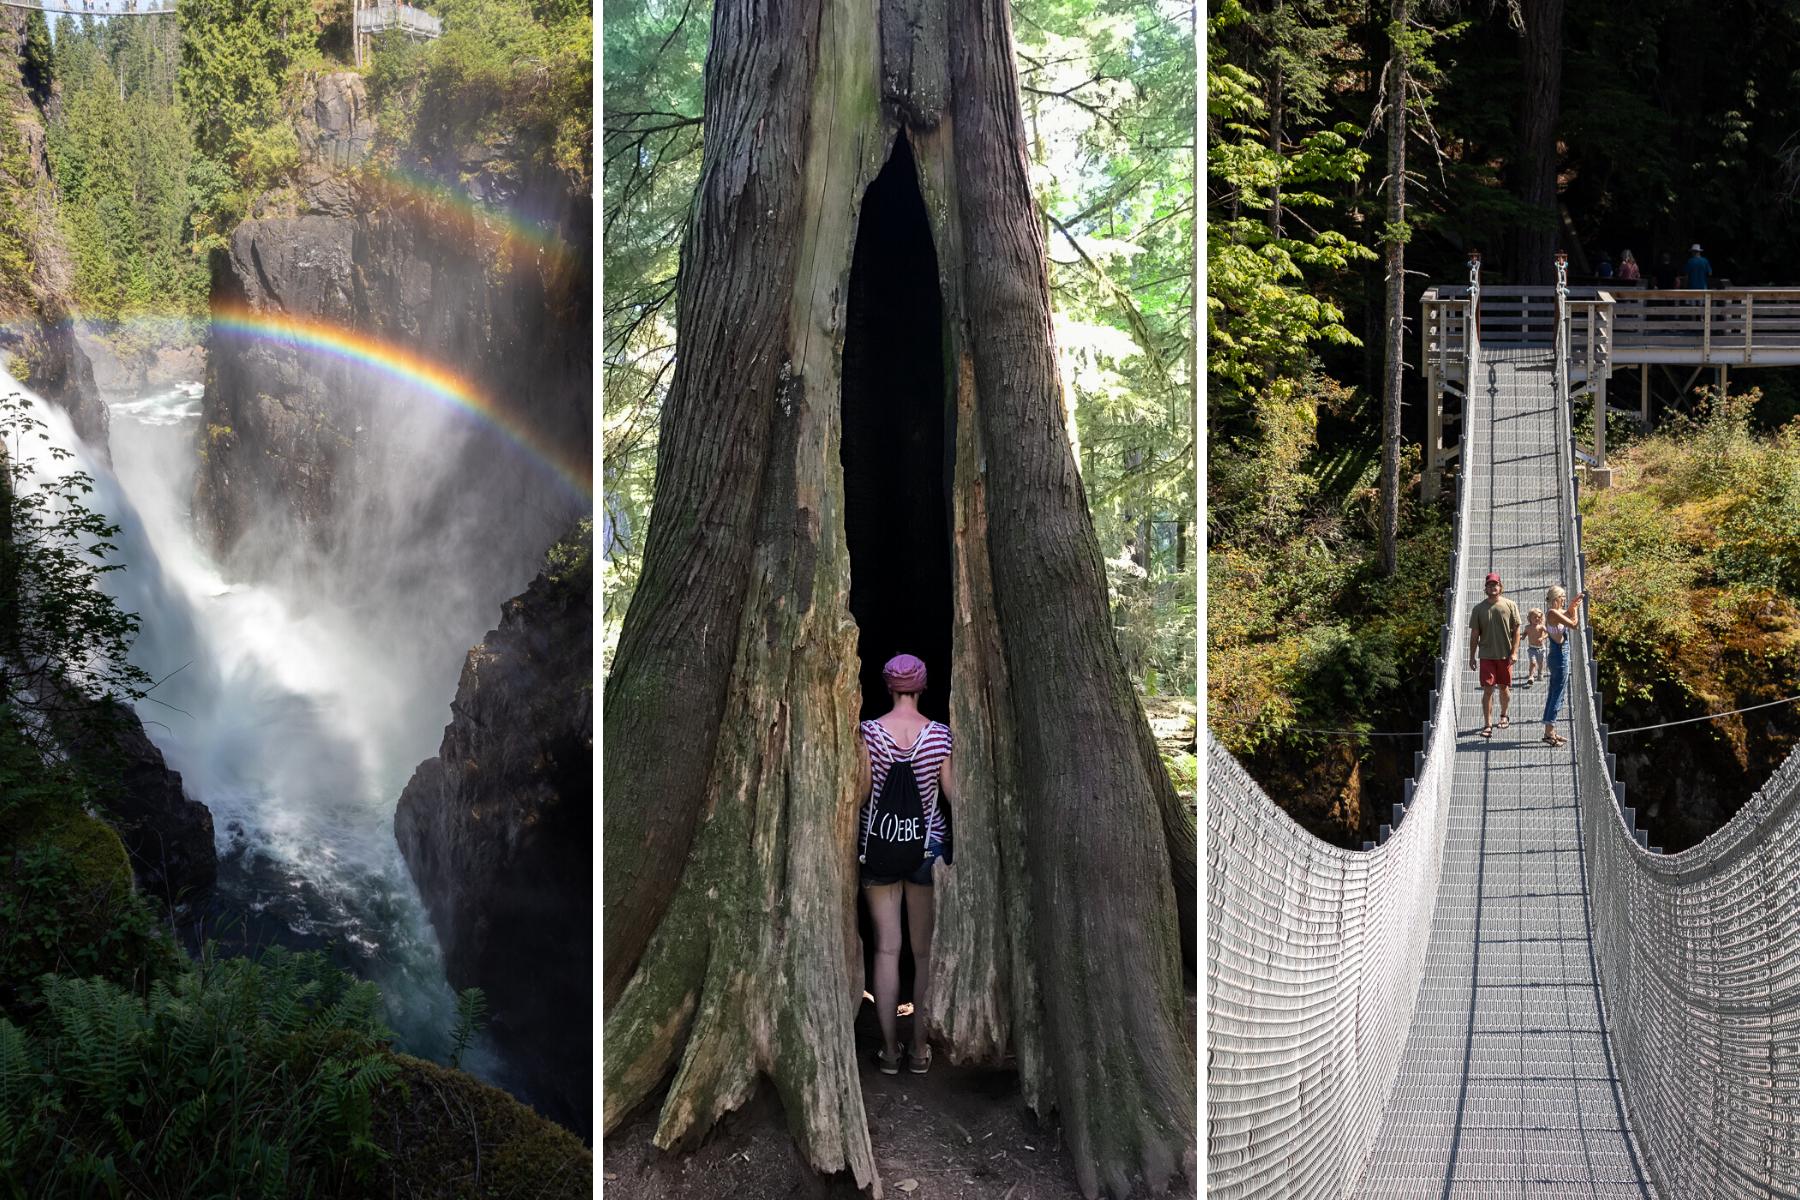 Ein doppelter Regenbogen über den Elk Falls, ein Baum so groß, dass ich darin stehen kann, und die 60 Meter lange Hängebrücke.